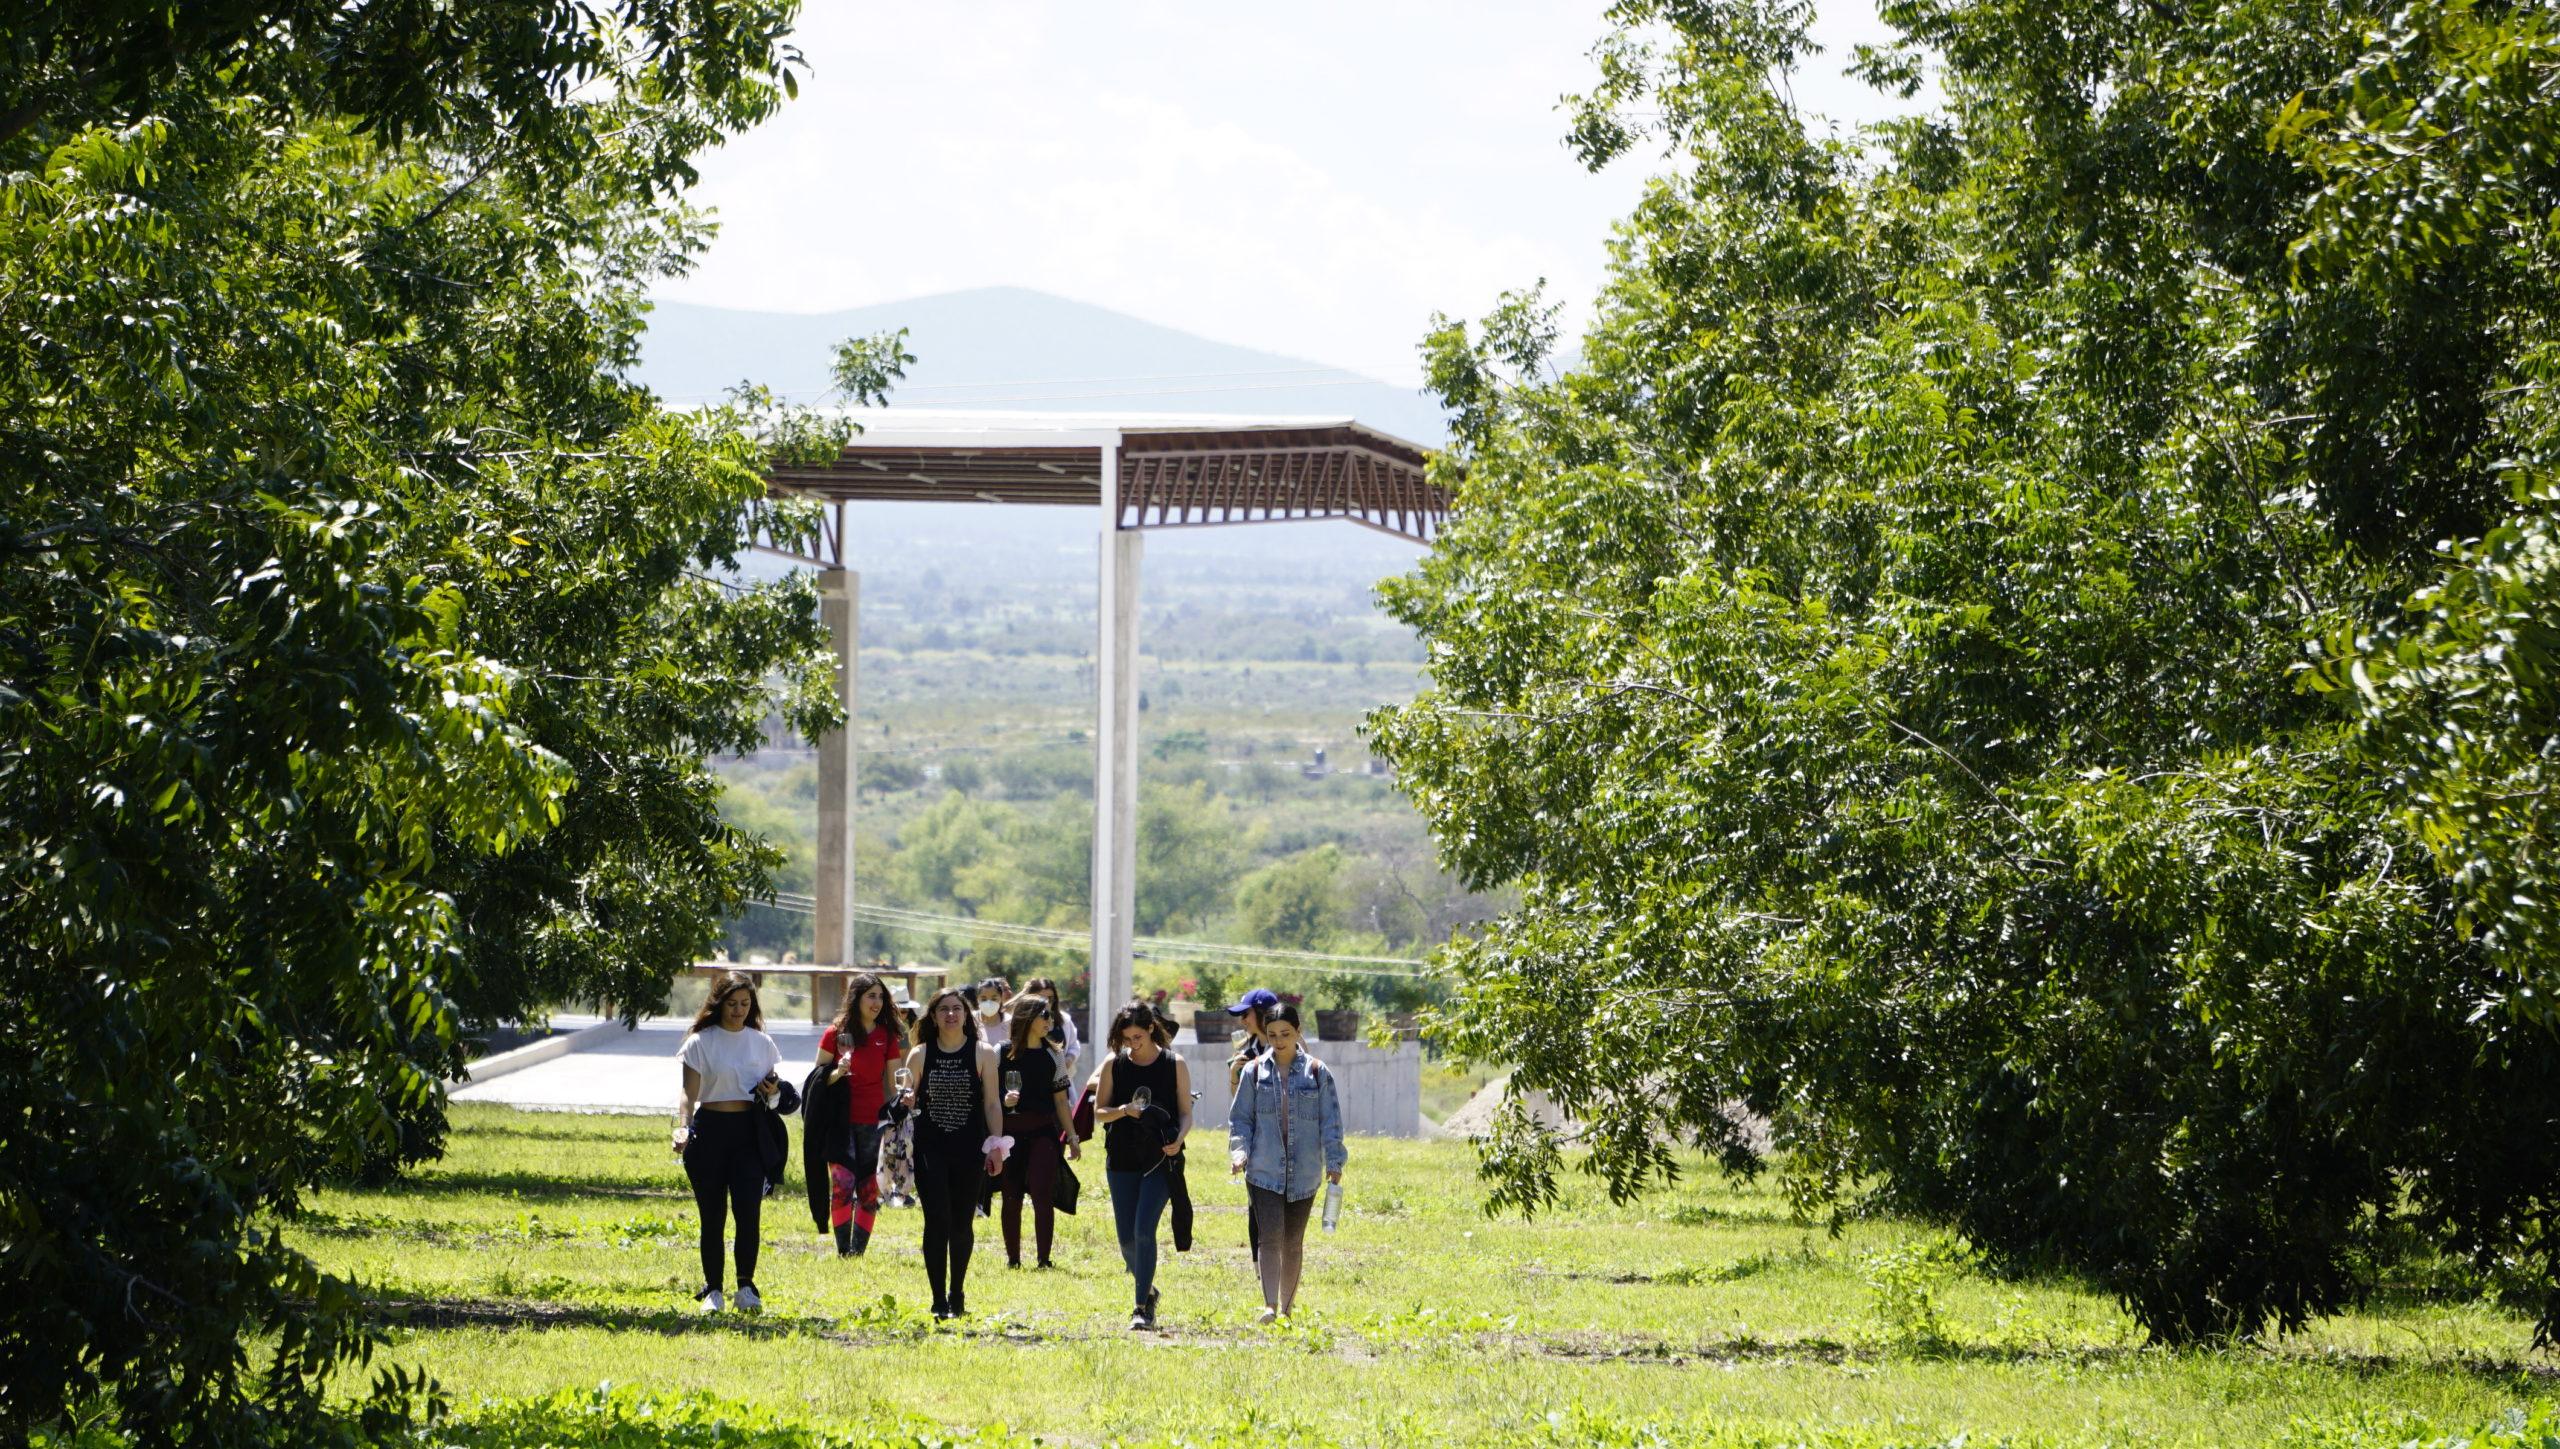 Los asistentes pasearon por los viñedos y disfrutaron de la naturaleza.